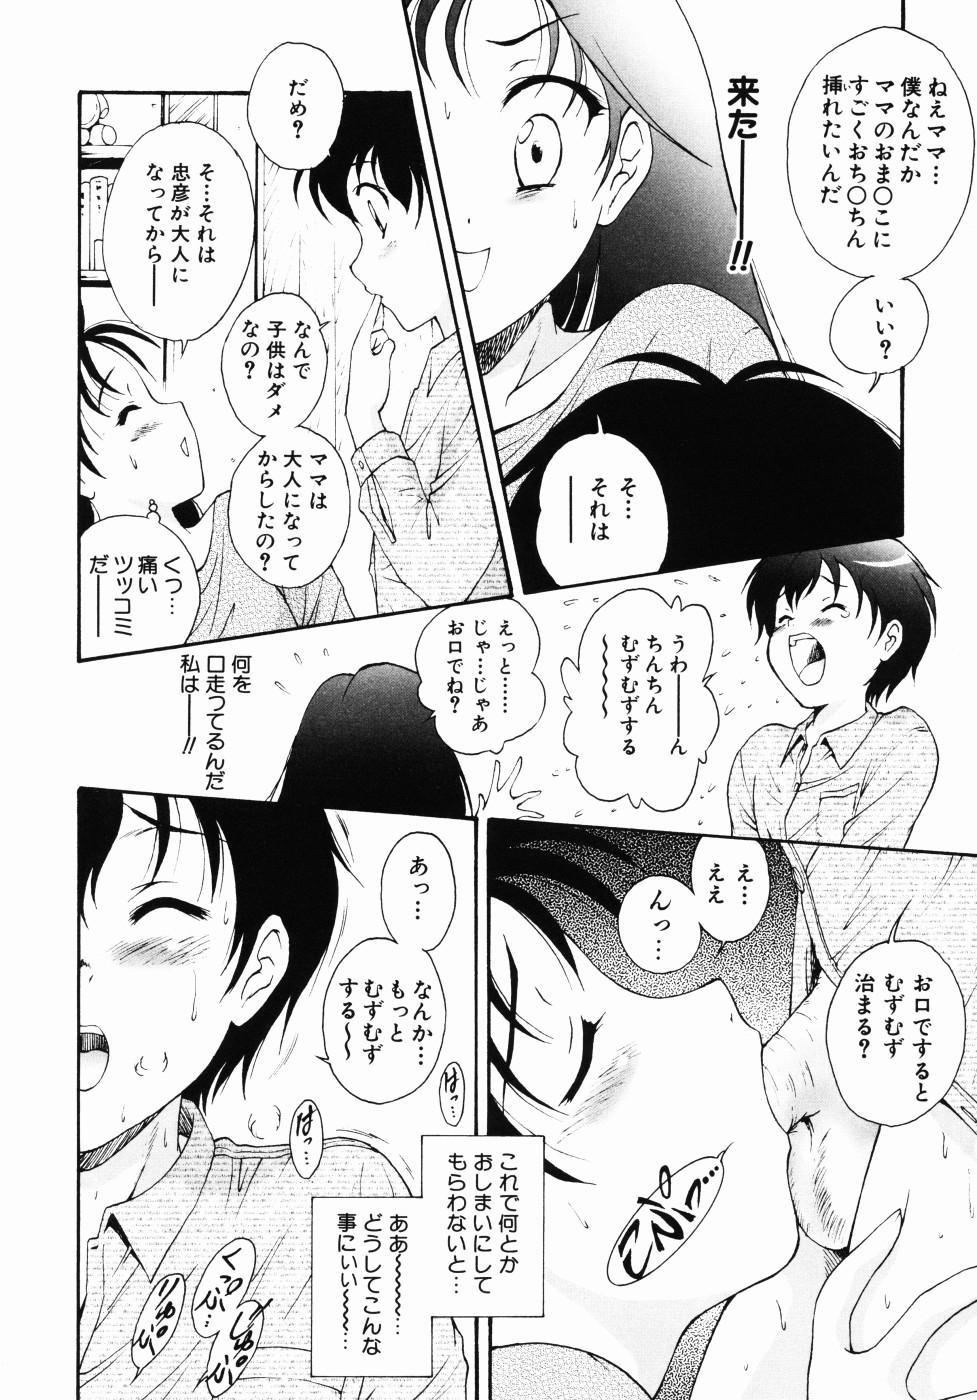 Daikyou Megami 188